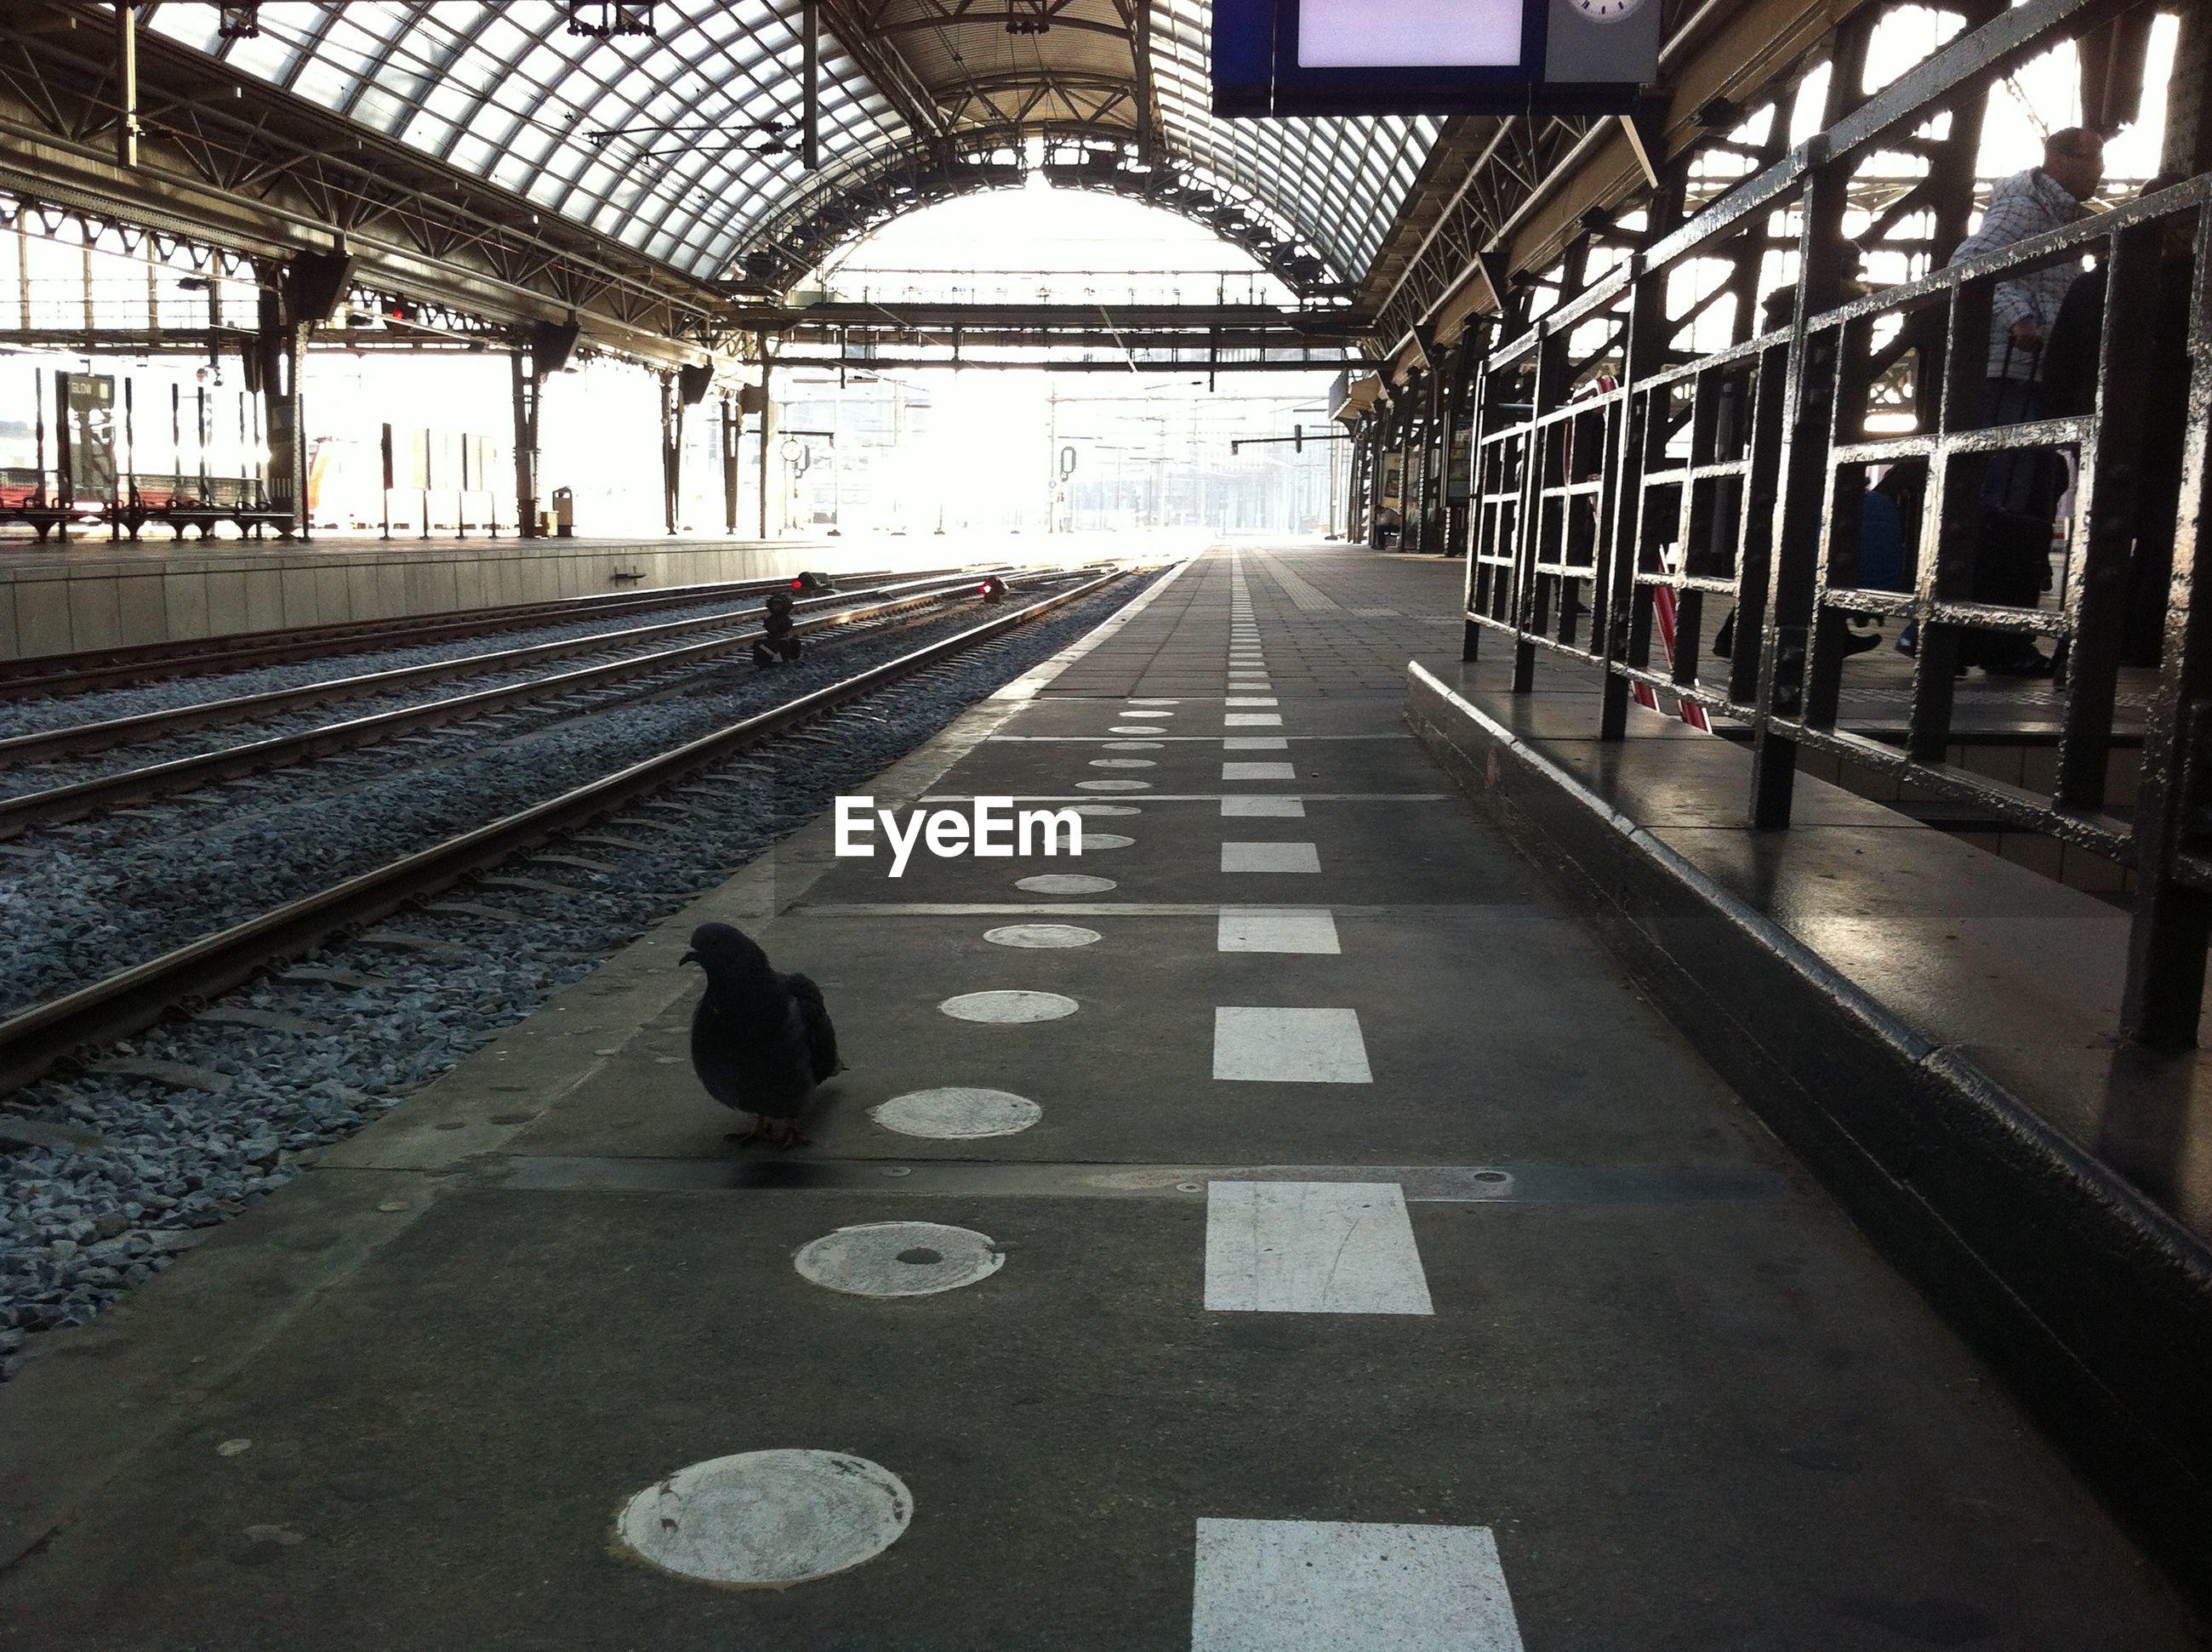 High angle view of bird walking at railroad station platform